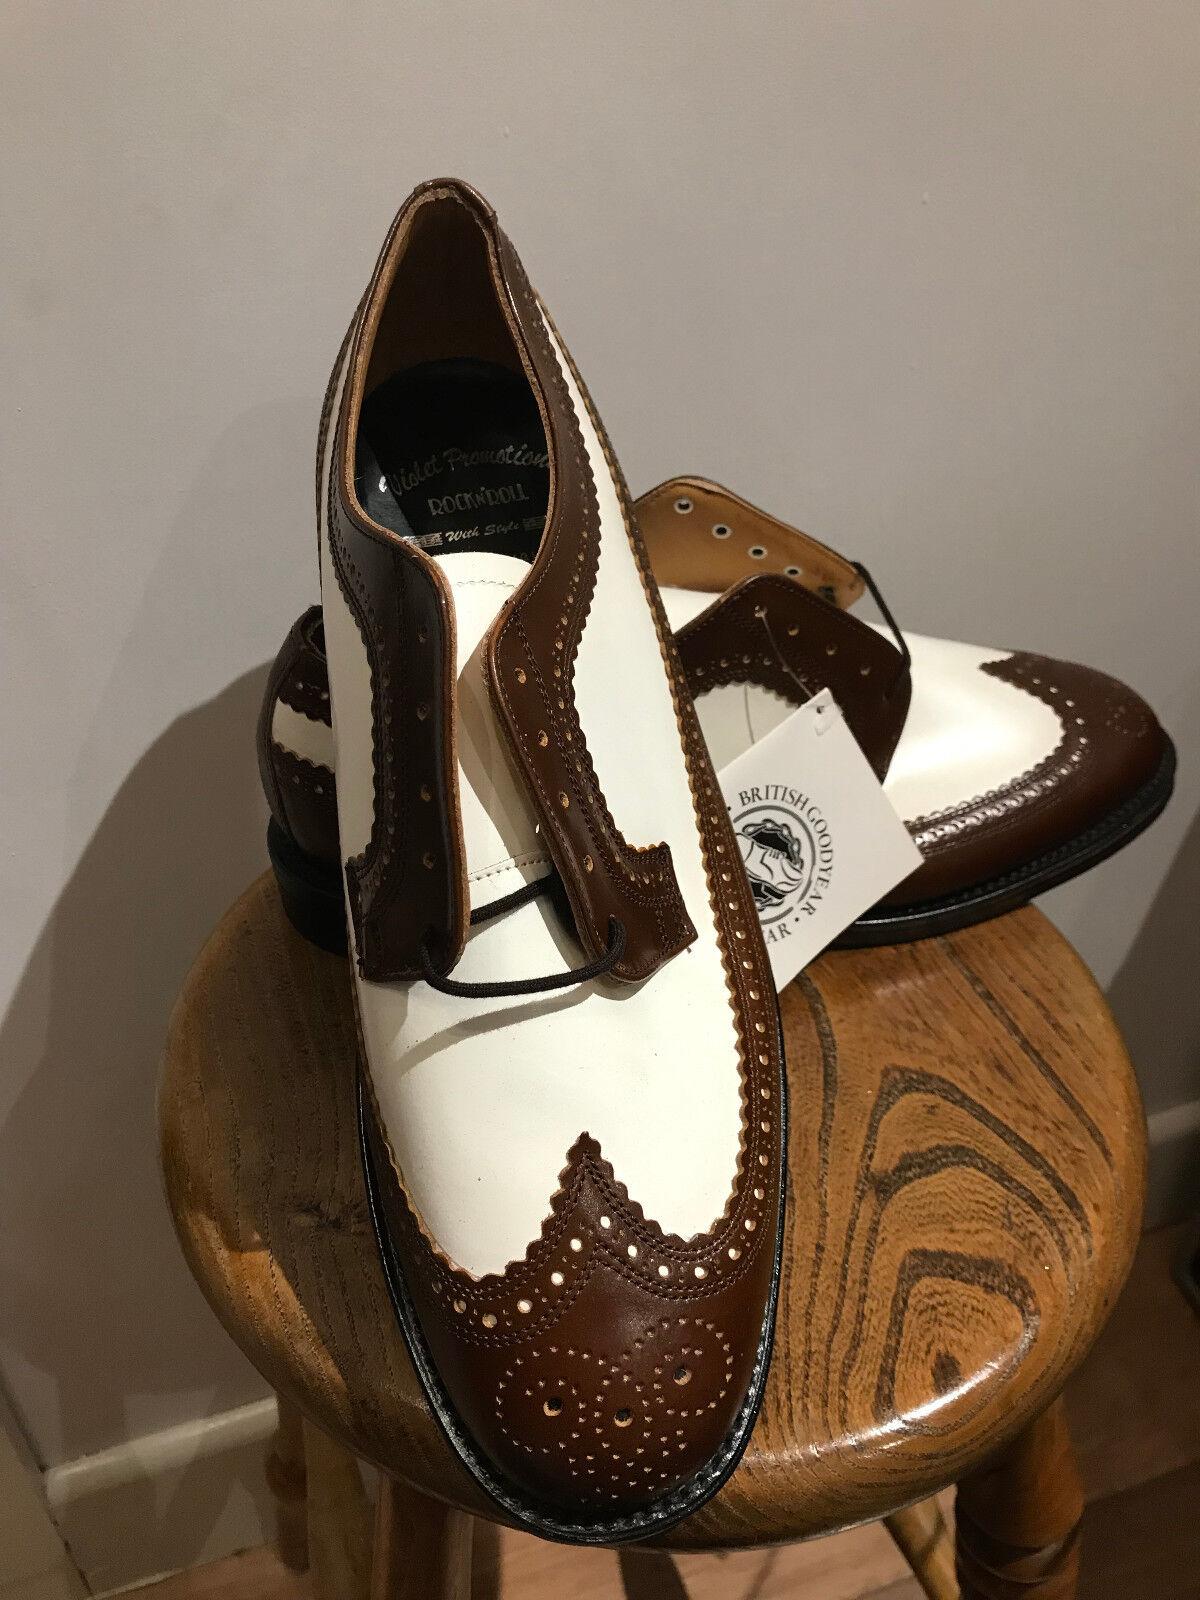 VLV Rockabilly Nuevo Cuero Wing Tip Cuero Calado marrón y blancoo Talla 11